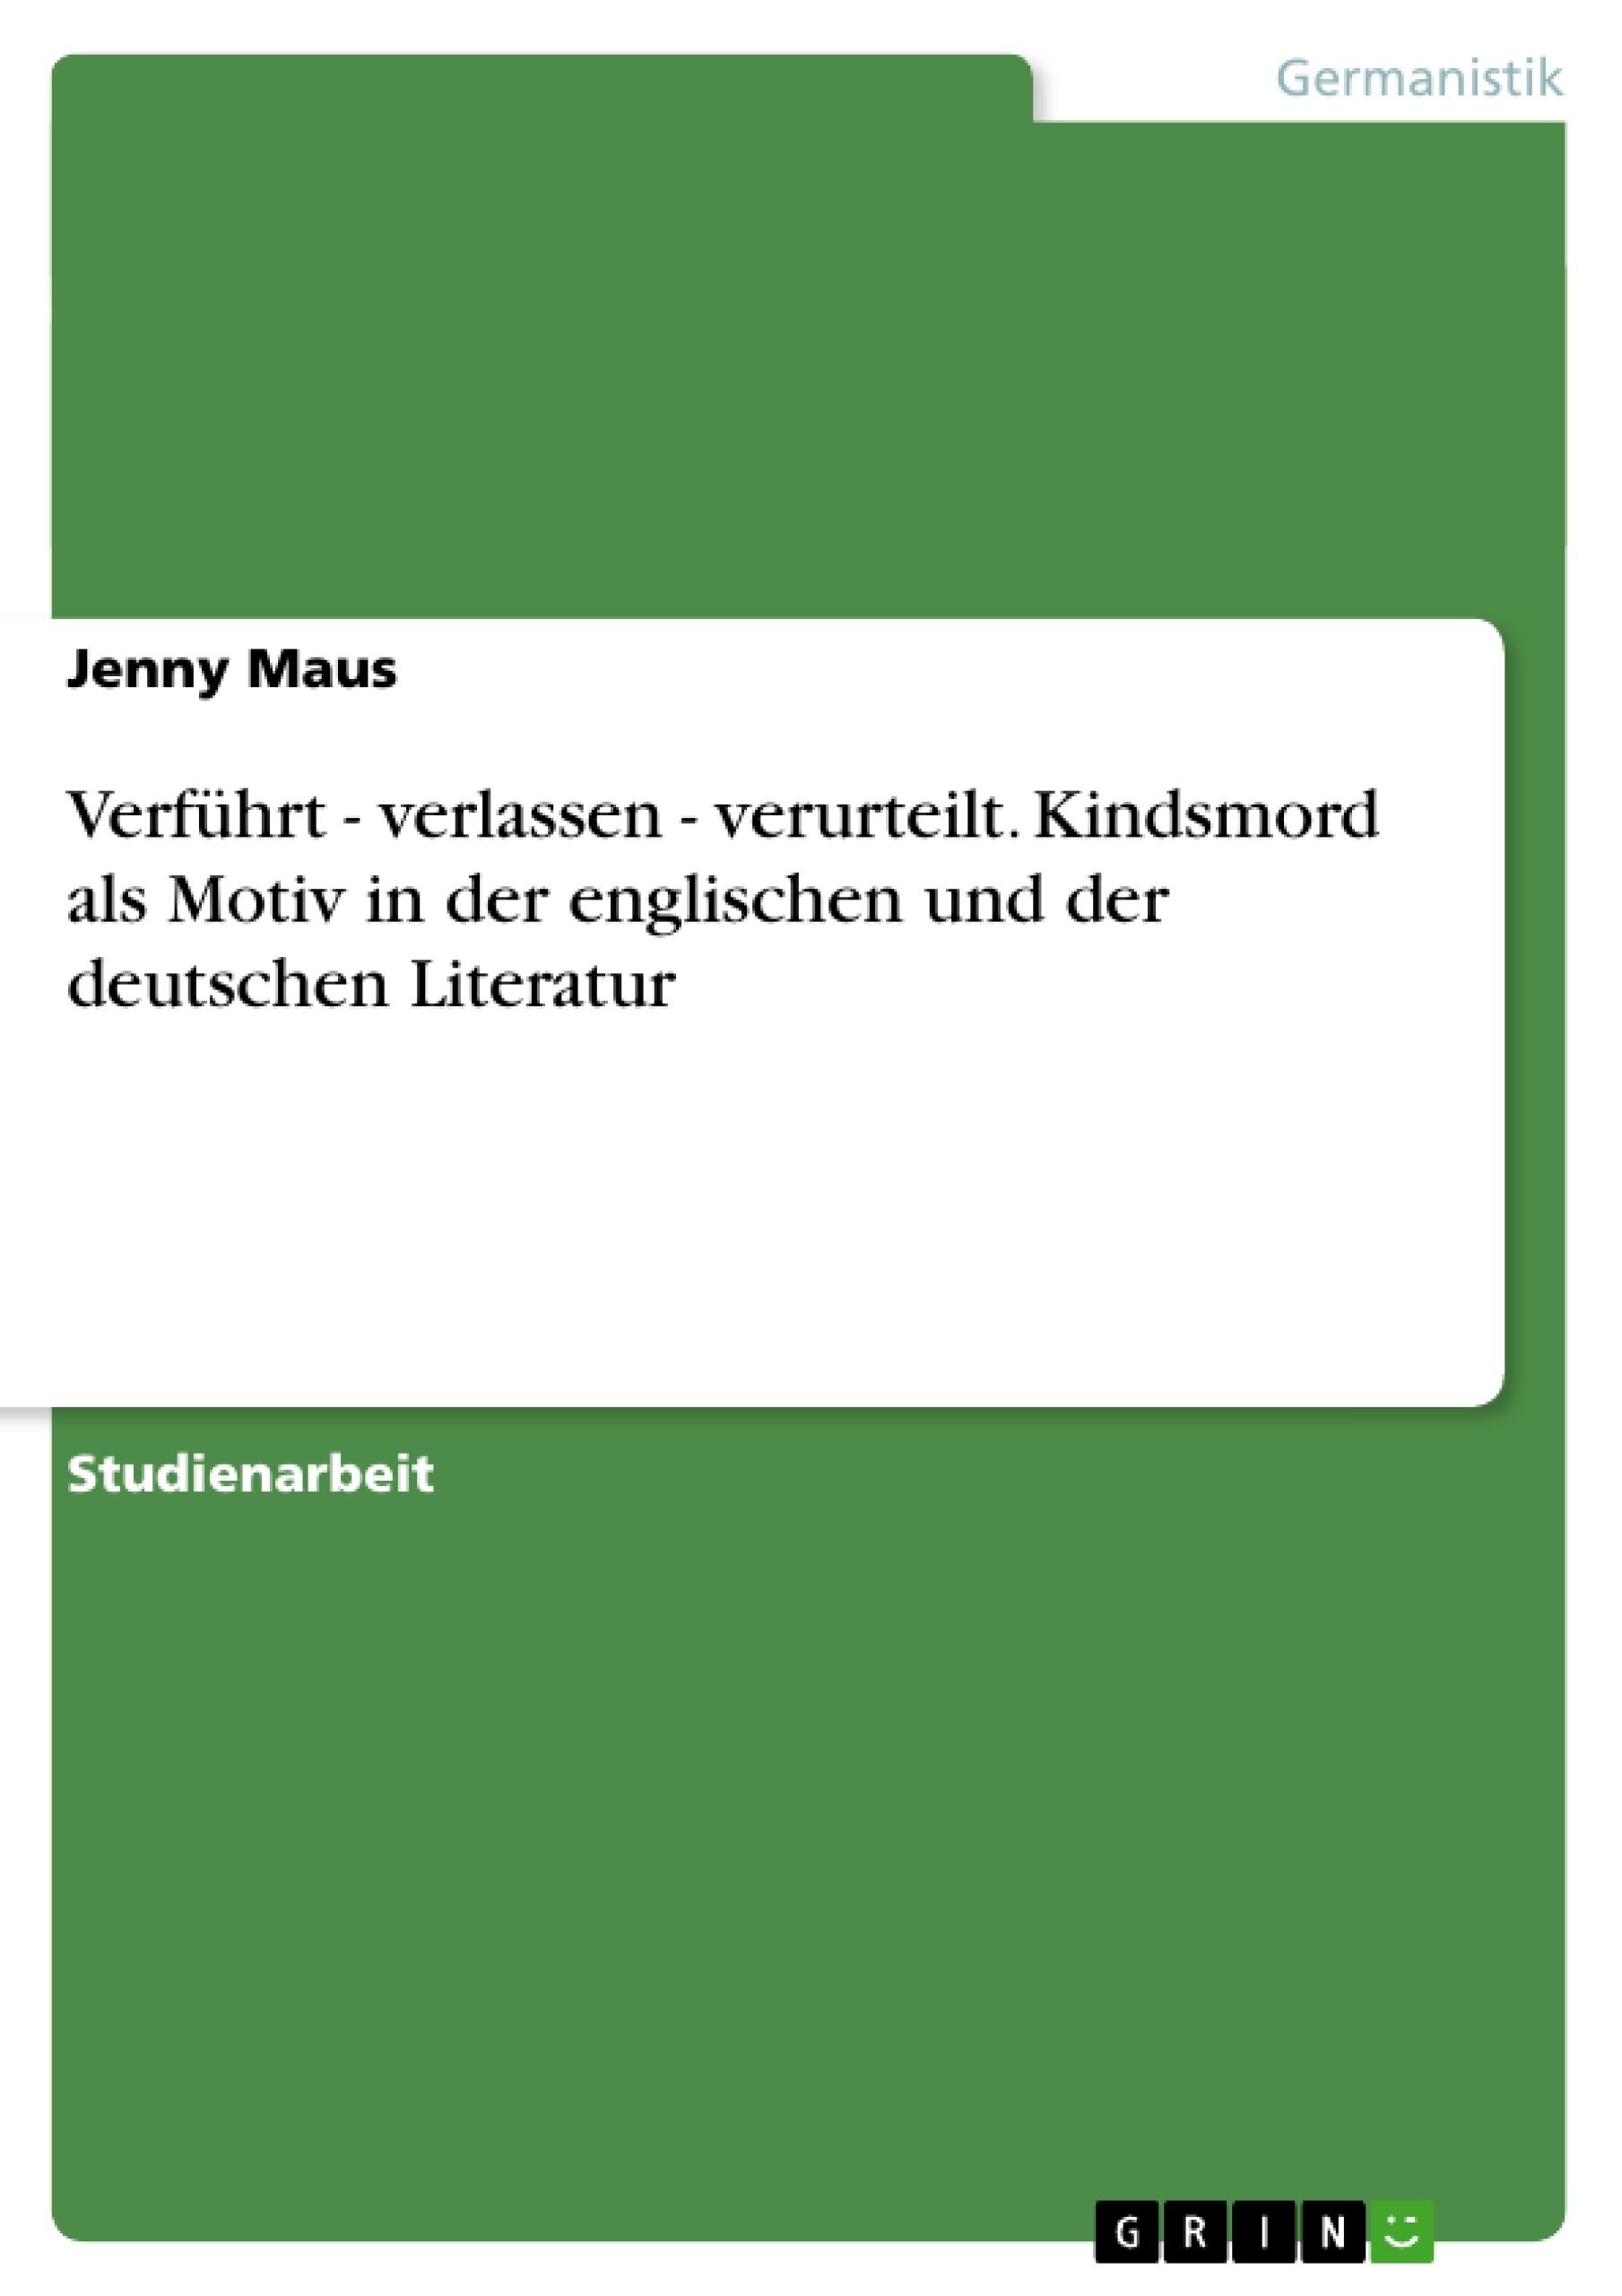 Titel: Verführt - verlassen - verurteilt. Kindsmord als Motiv in der englischen und der deutschen Literatur